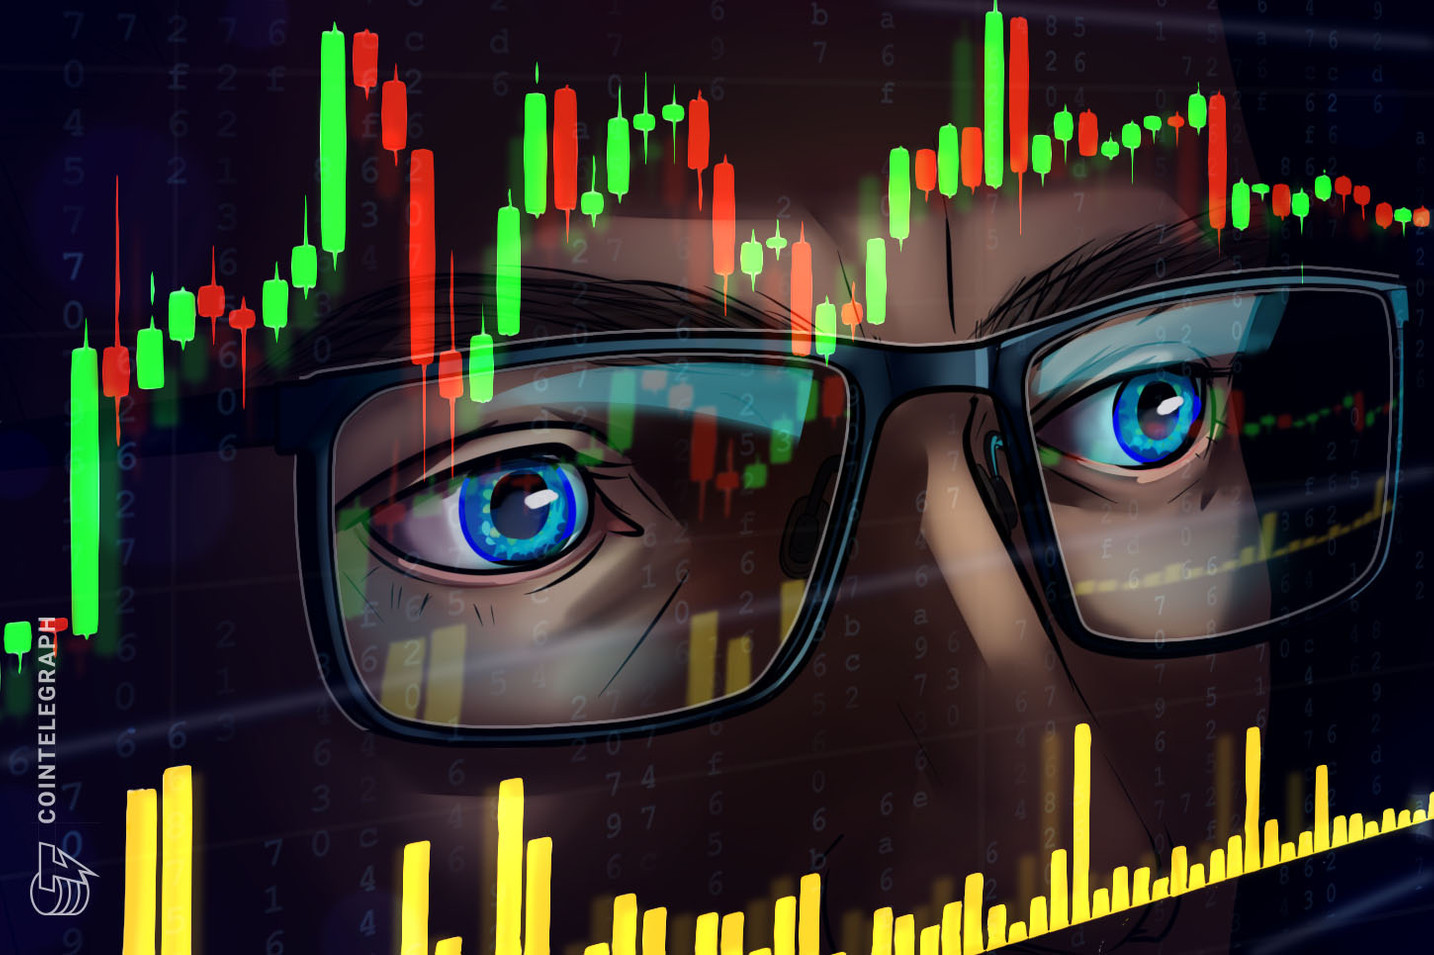 La criptocustodia de Gemini supera los $30,000 millones a la vez que un analista predice que las acciones de Coinbase caerán hasta los $100